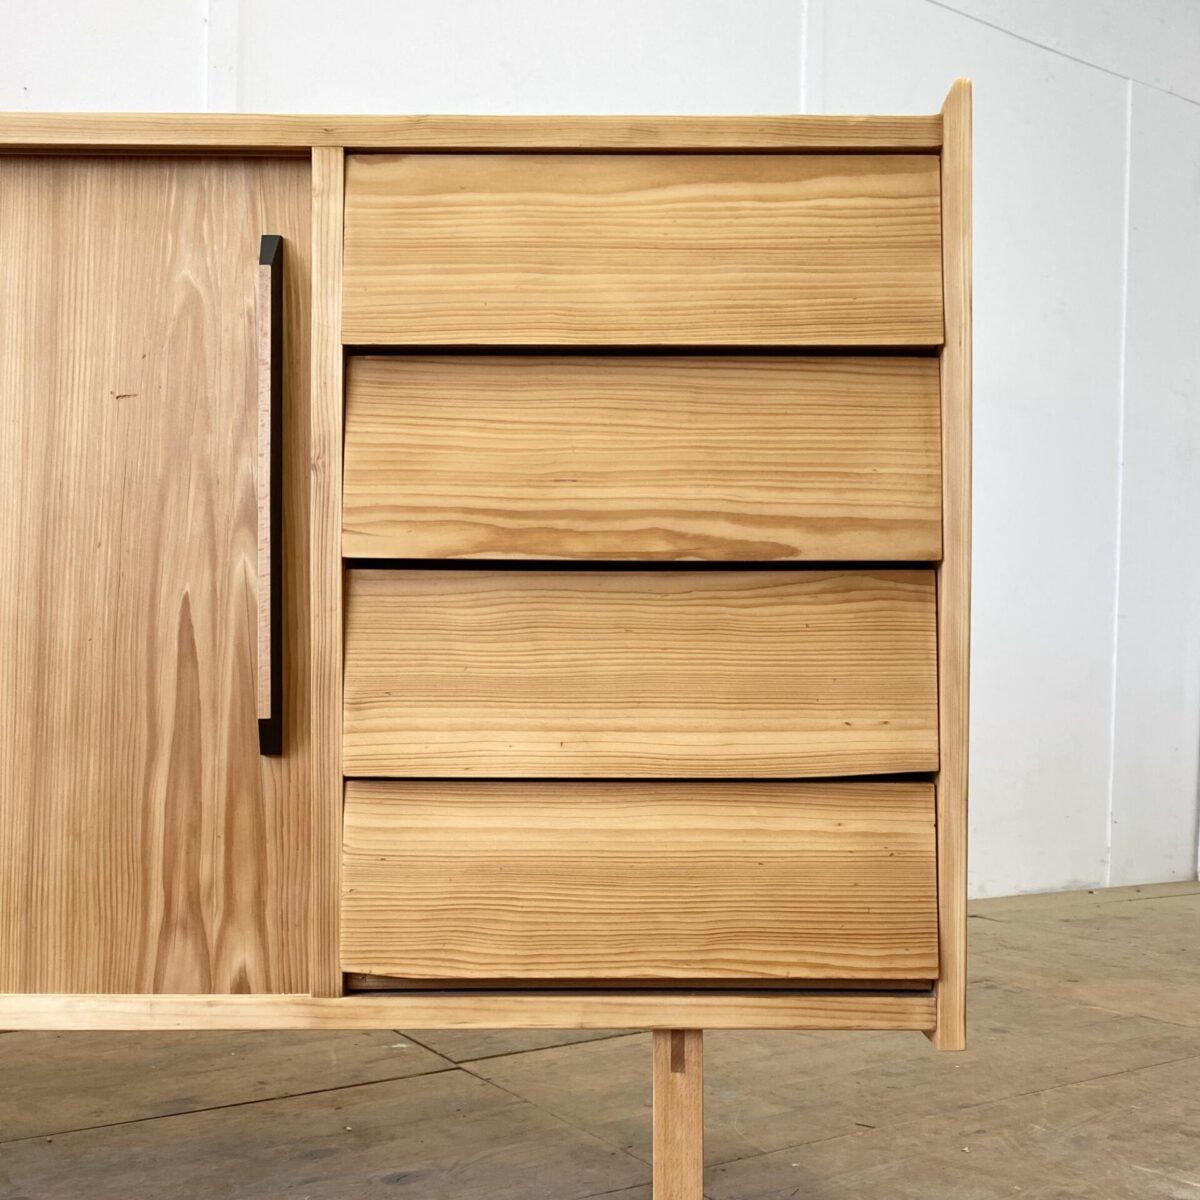 Tannenholz Sideboard mit Schiebetüren und Schubladen. 170x34cm Höhe 92cm. Die Kommode ist komplett geschliffen und geölt, warm-matte Ausstrahlung. Schubladen und Schiebetüren laufen einwandfrei. Hinter den Schiebetüren hat es herausnehmbare Tablar Roste. Das ganze steht auf Buchenholz Füssen.